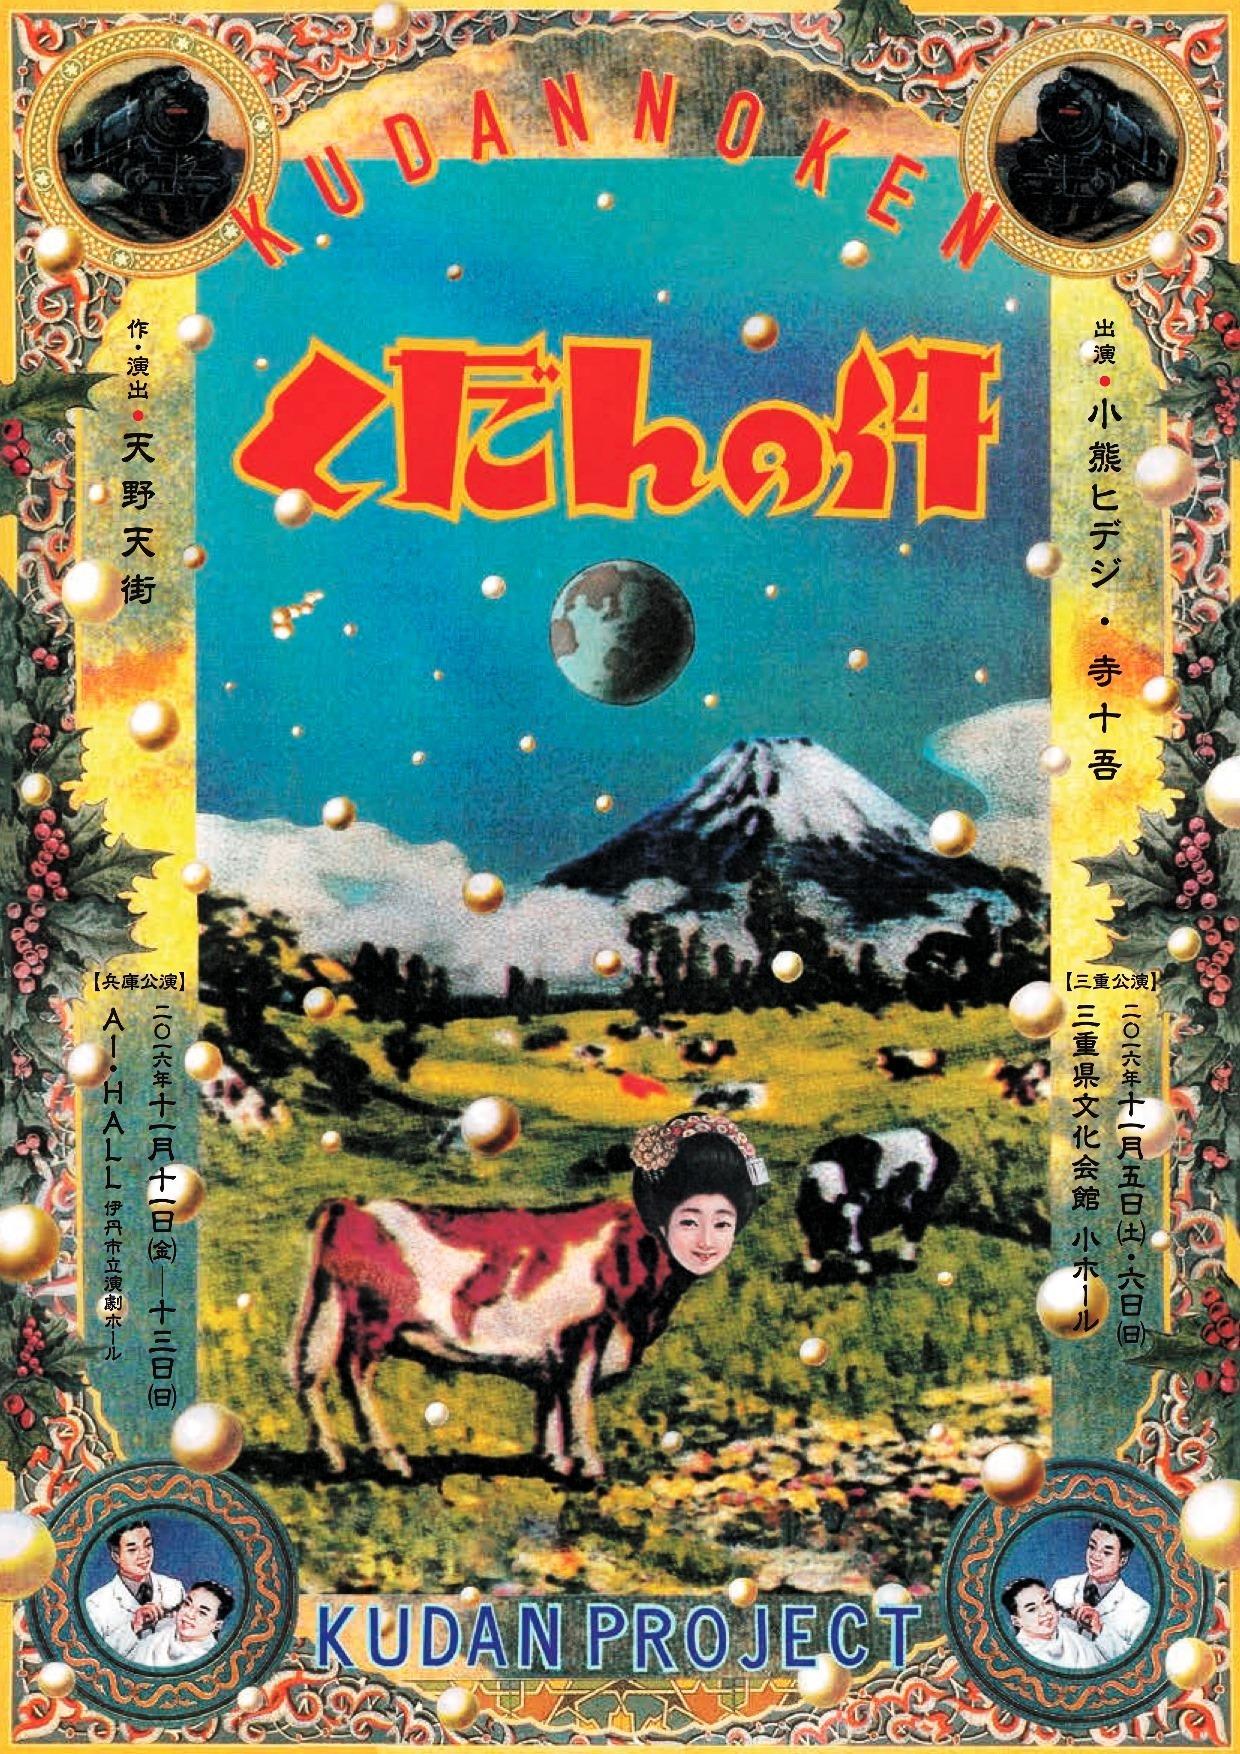 KUDAN Project『くだんの件』宣伝チラシ。伊丹では11/11~13に上演。 [宣伝美術]アマノテンガイ